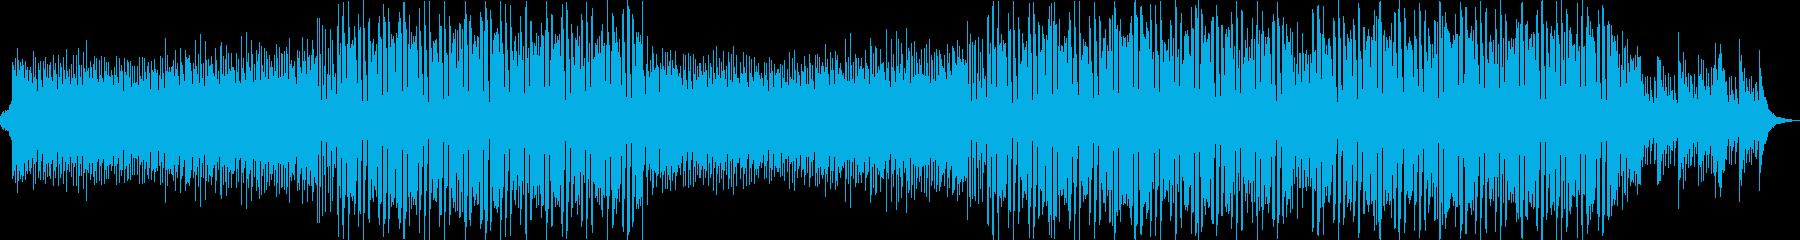 EDM・幻想的・かわいい・エモーショナルの再生済みの波形